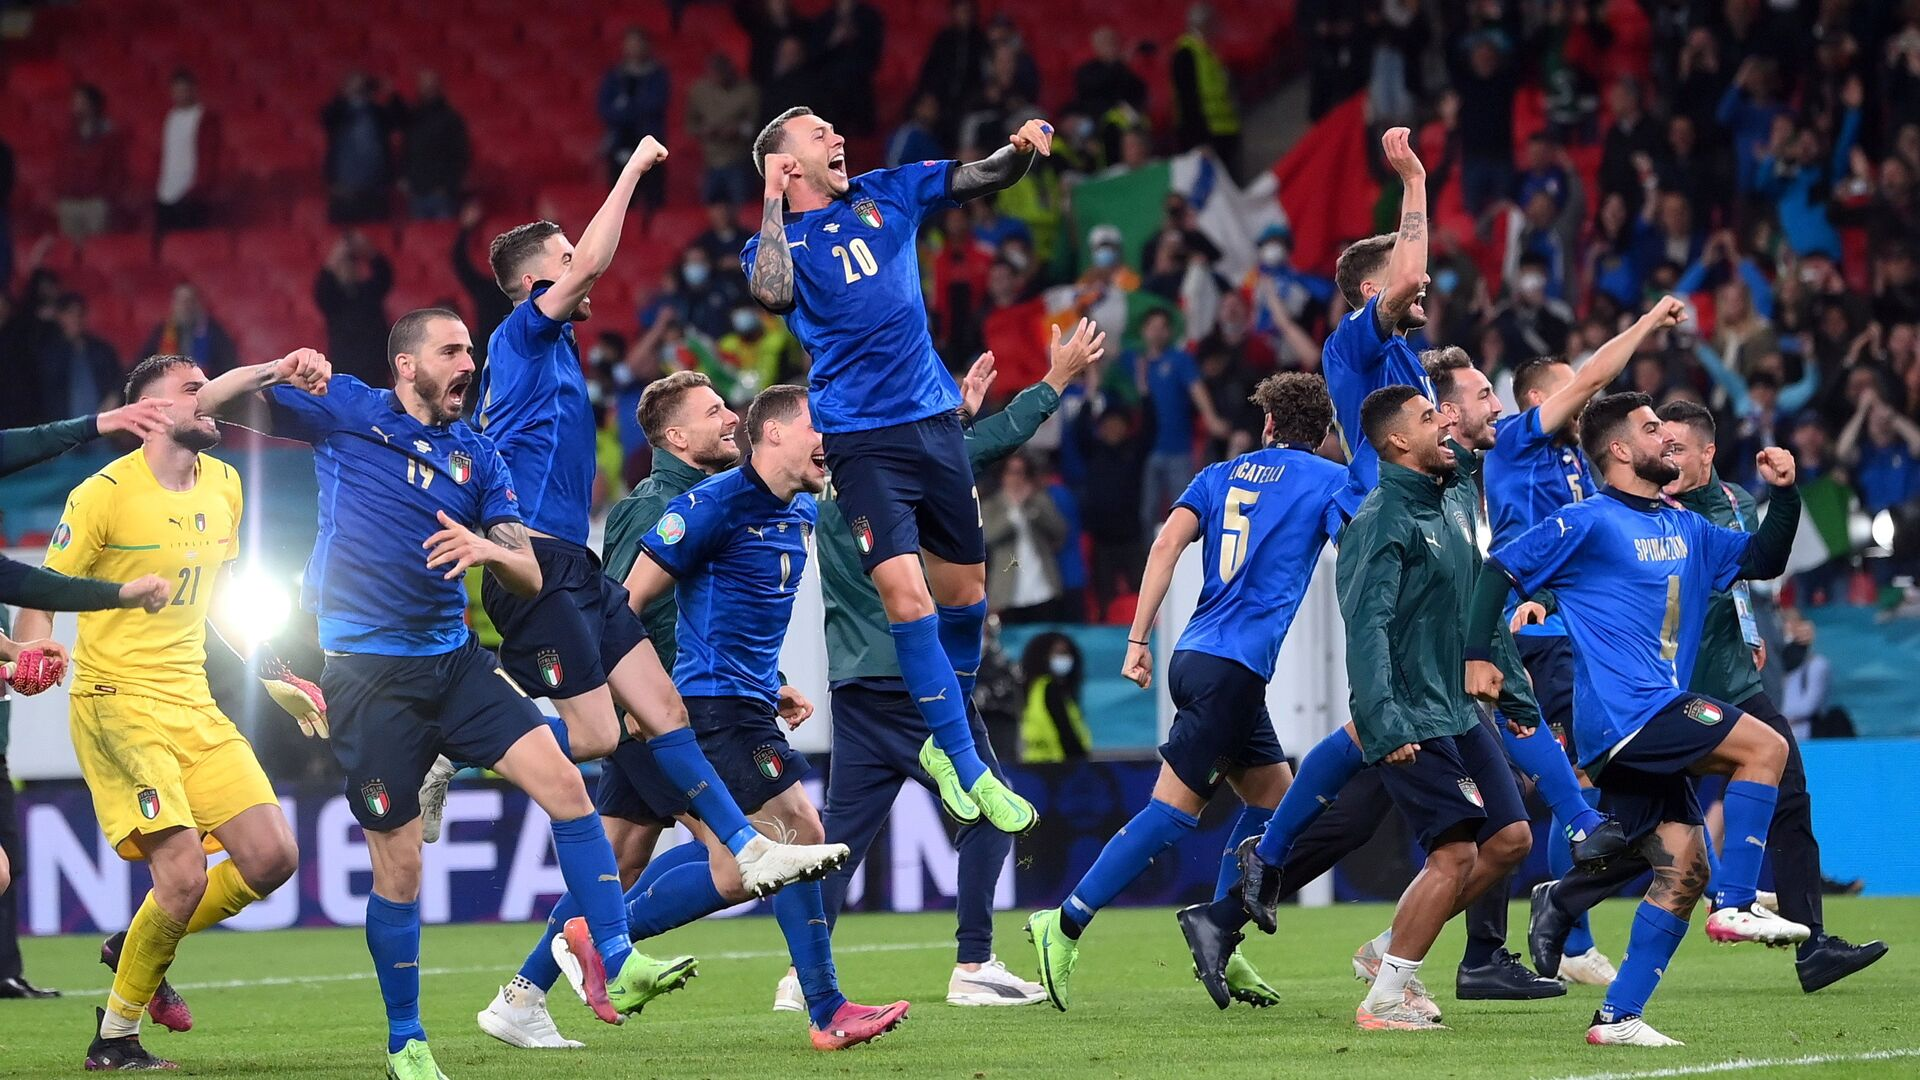 Nazionale Italiana dopo la vittoria contro la Spagna, Euro 2020 - Sputnik Italia, 1920, 11.07.2021